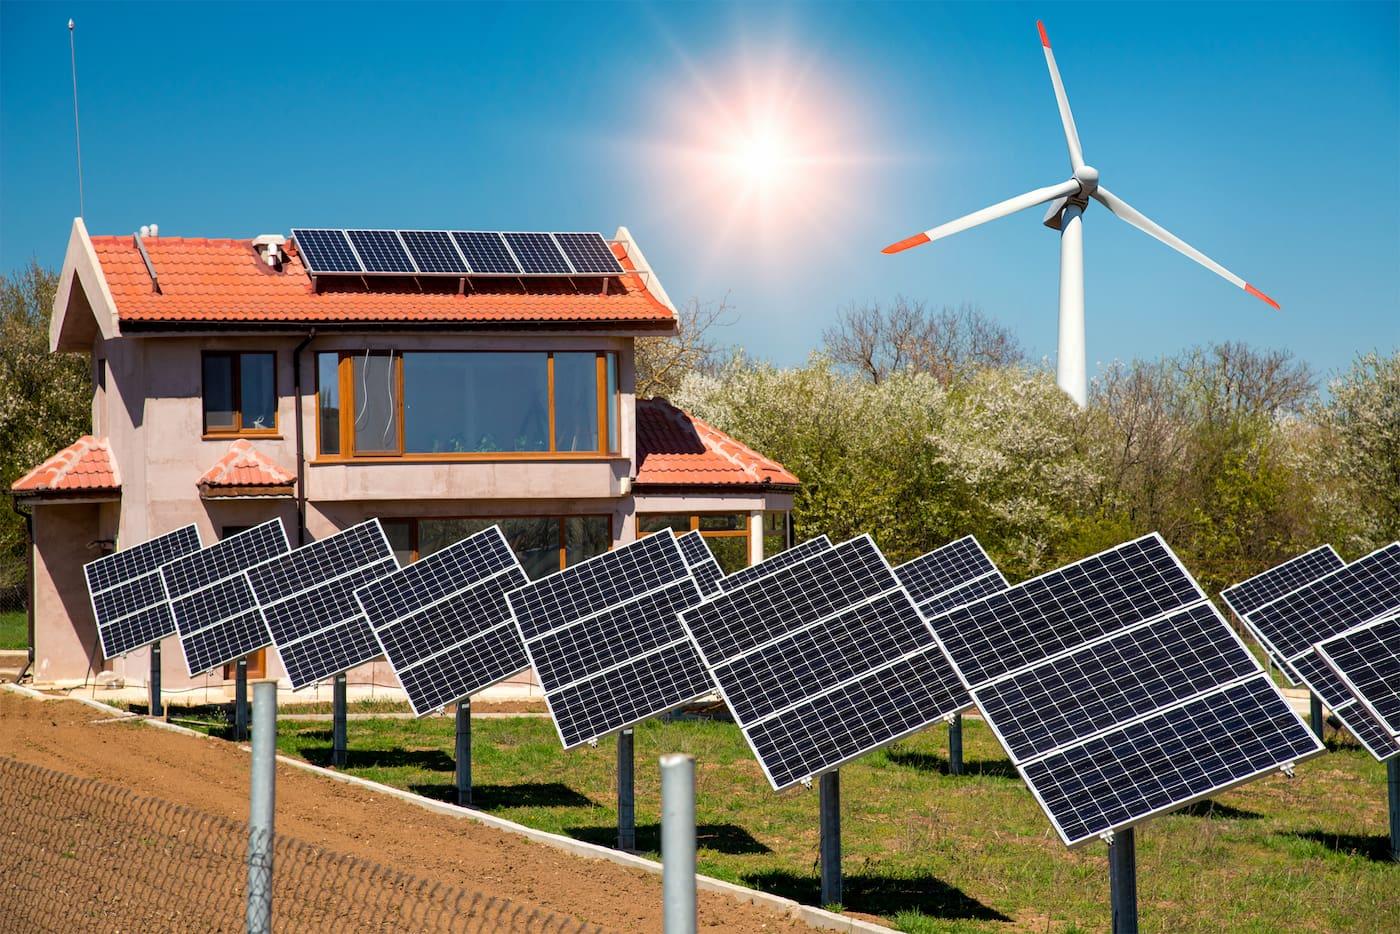 viviendas autosuficientes y sostenibles